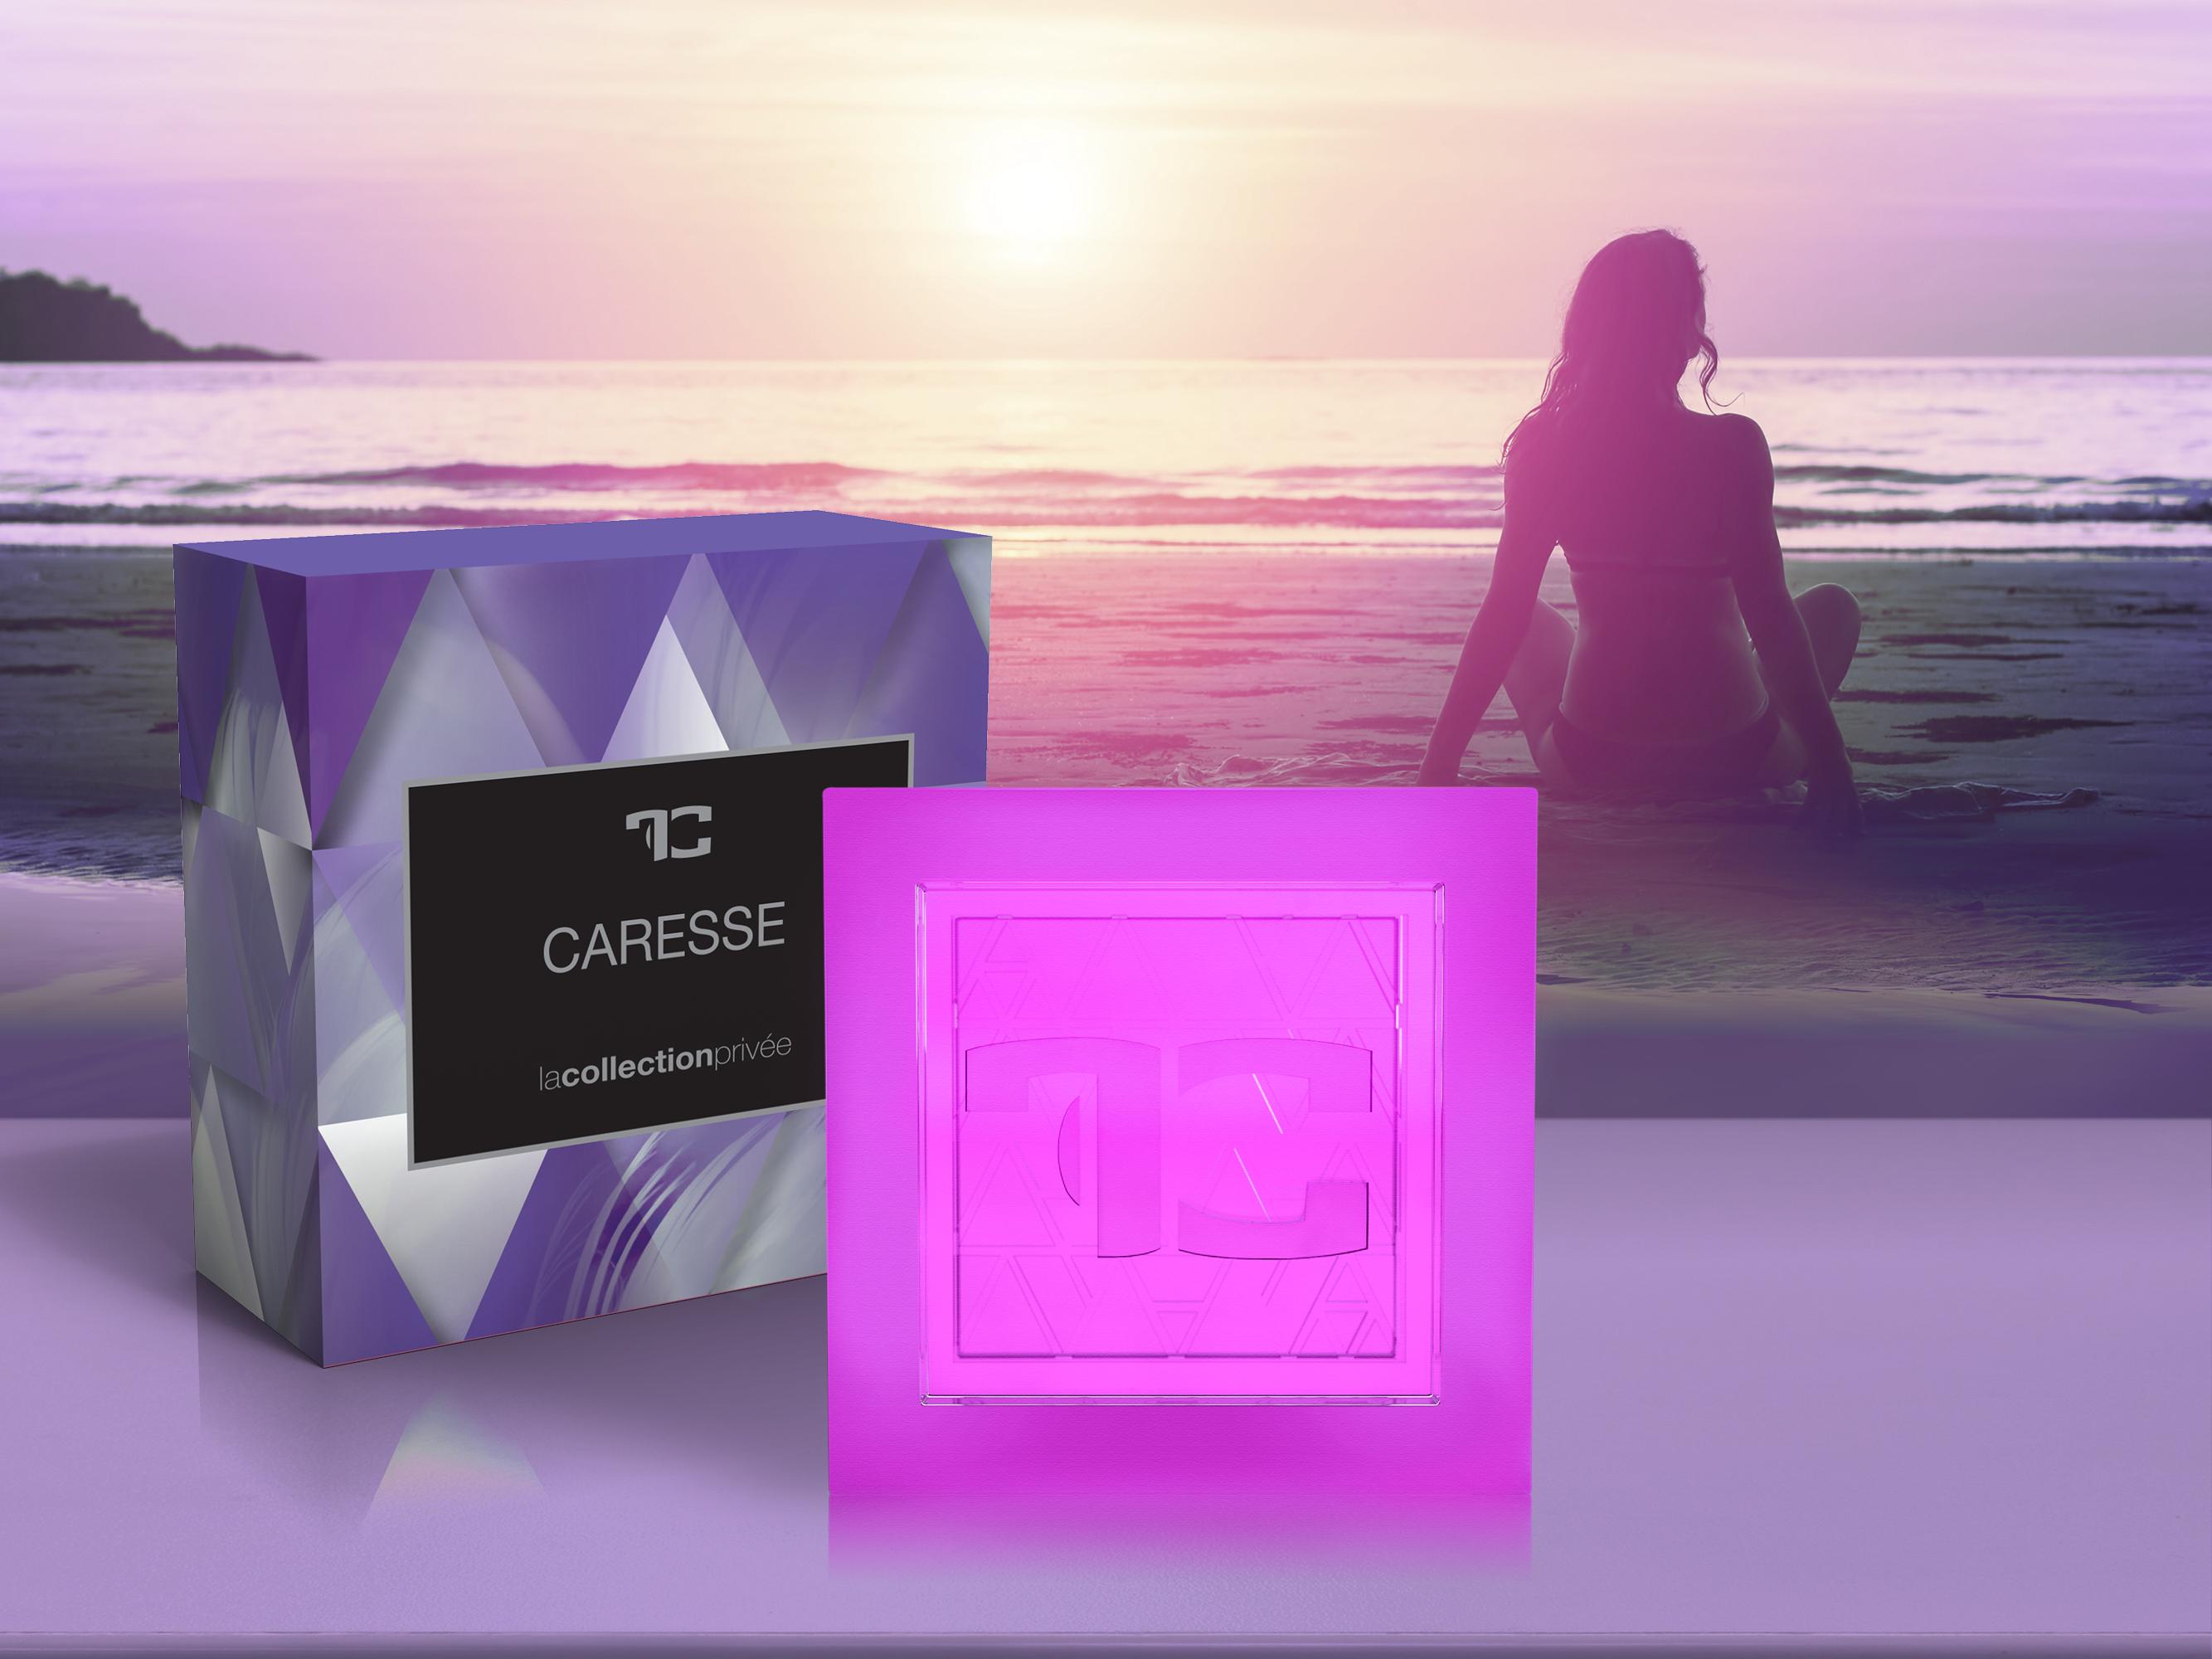 Přírodní glycerinové mýdlo, caresse, LA COLLECTION PRIVÉE